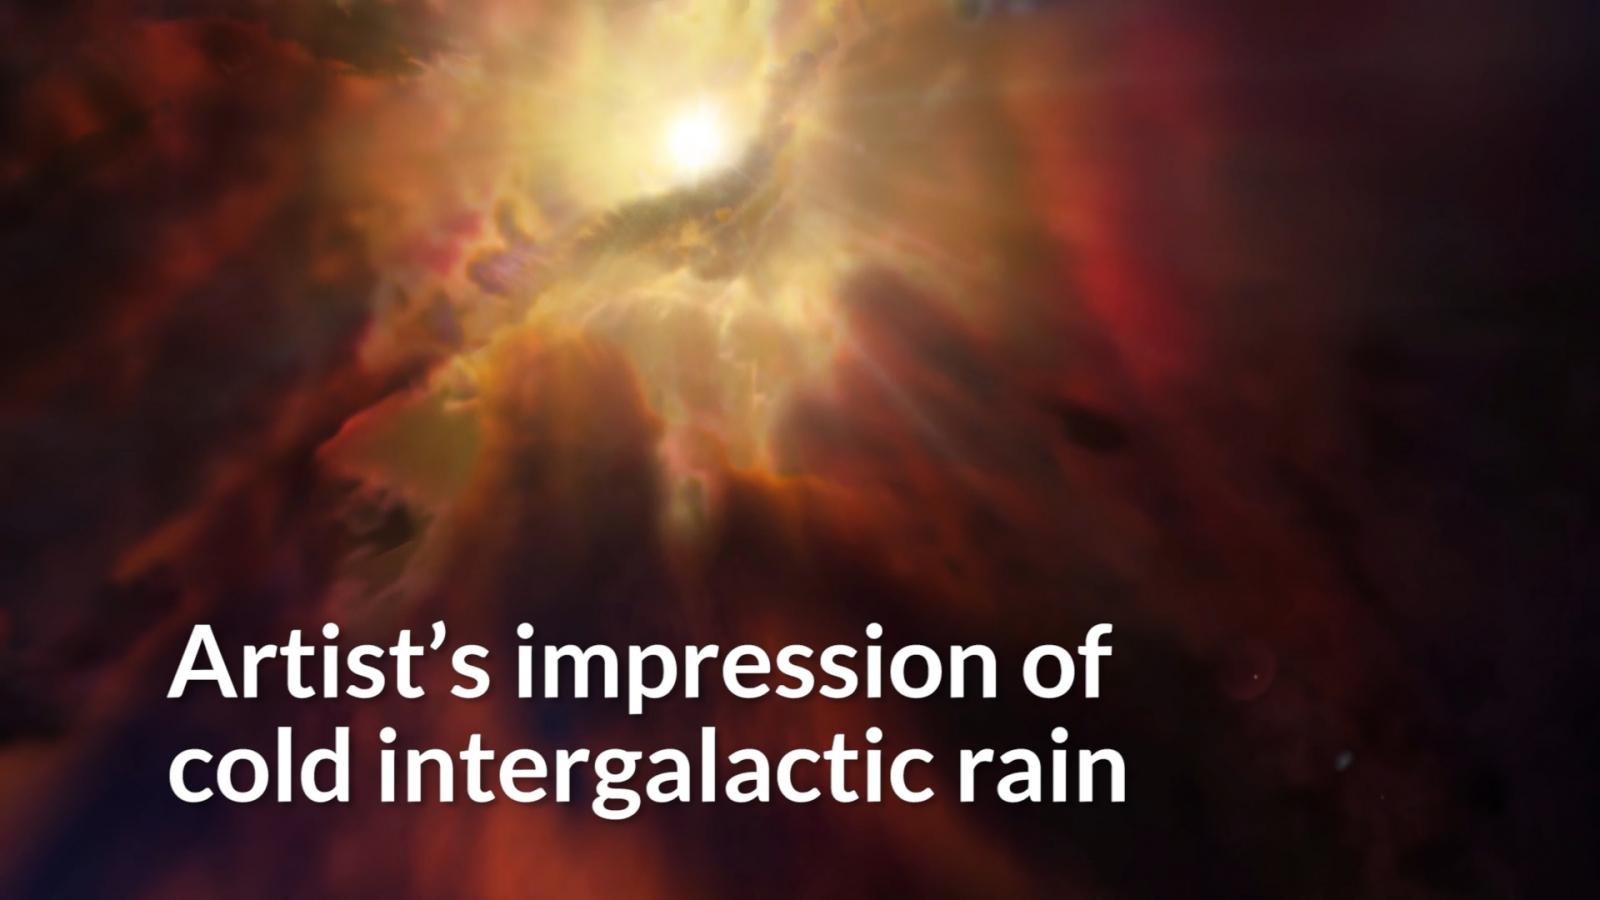 Artist's impression of cold intergalactic rain